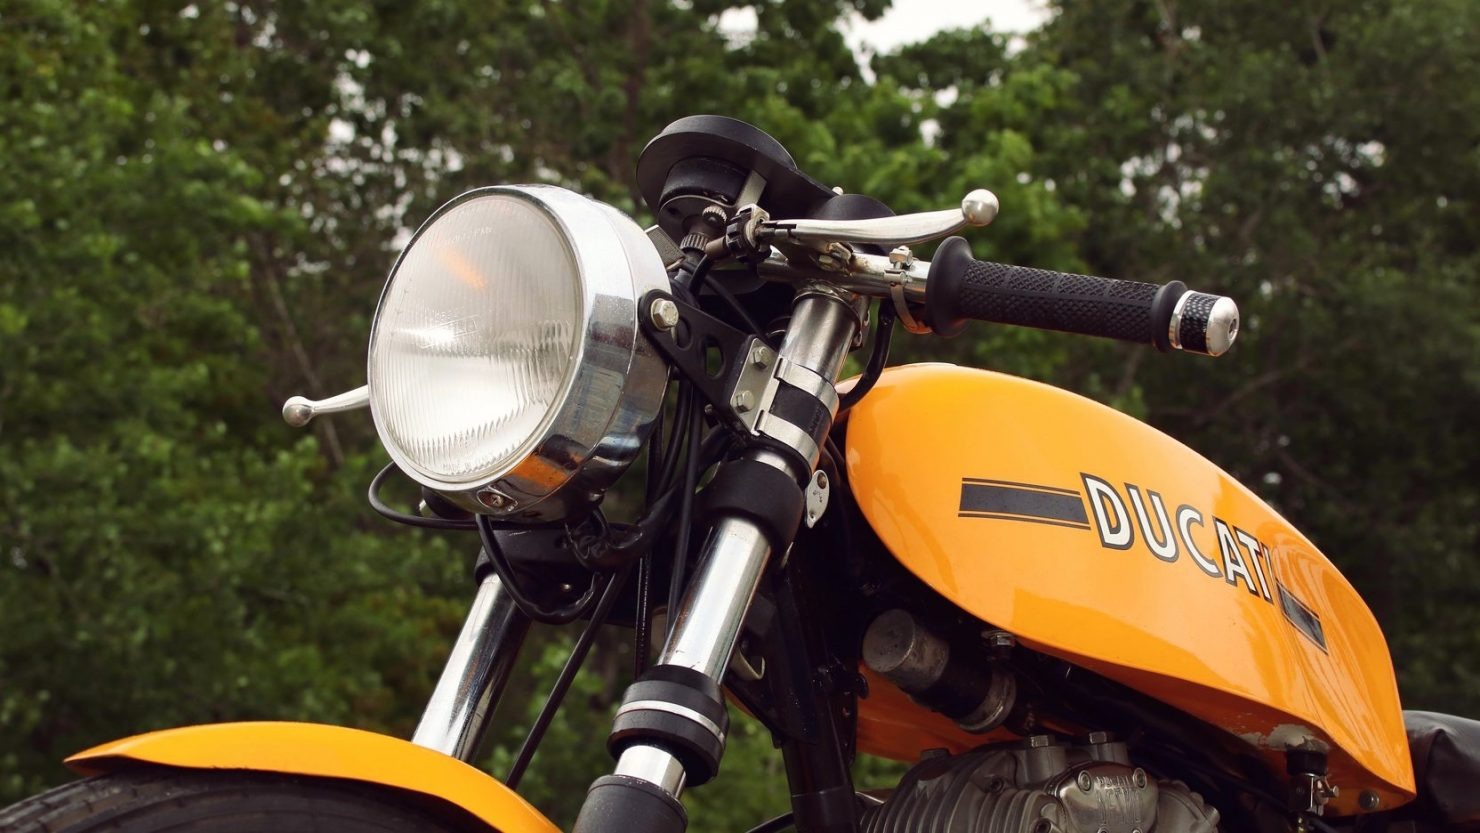 Ducati 350 Desmo 1 1480x833 - 1970 Ducati Desmo 350